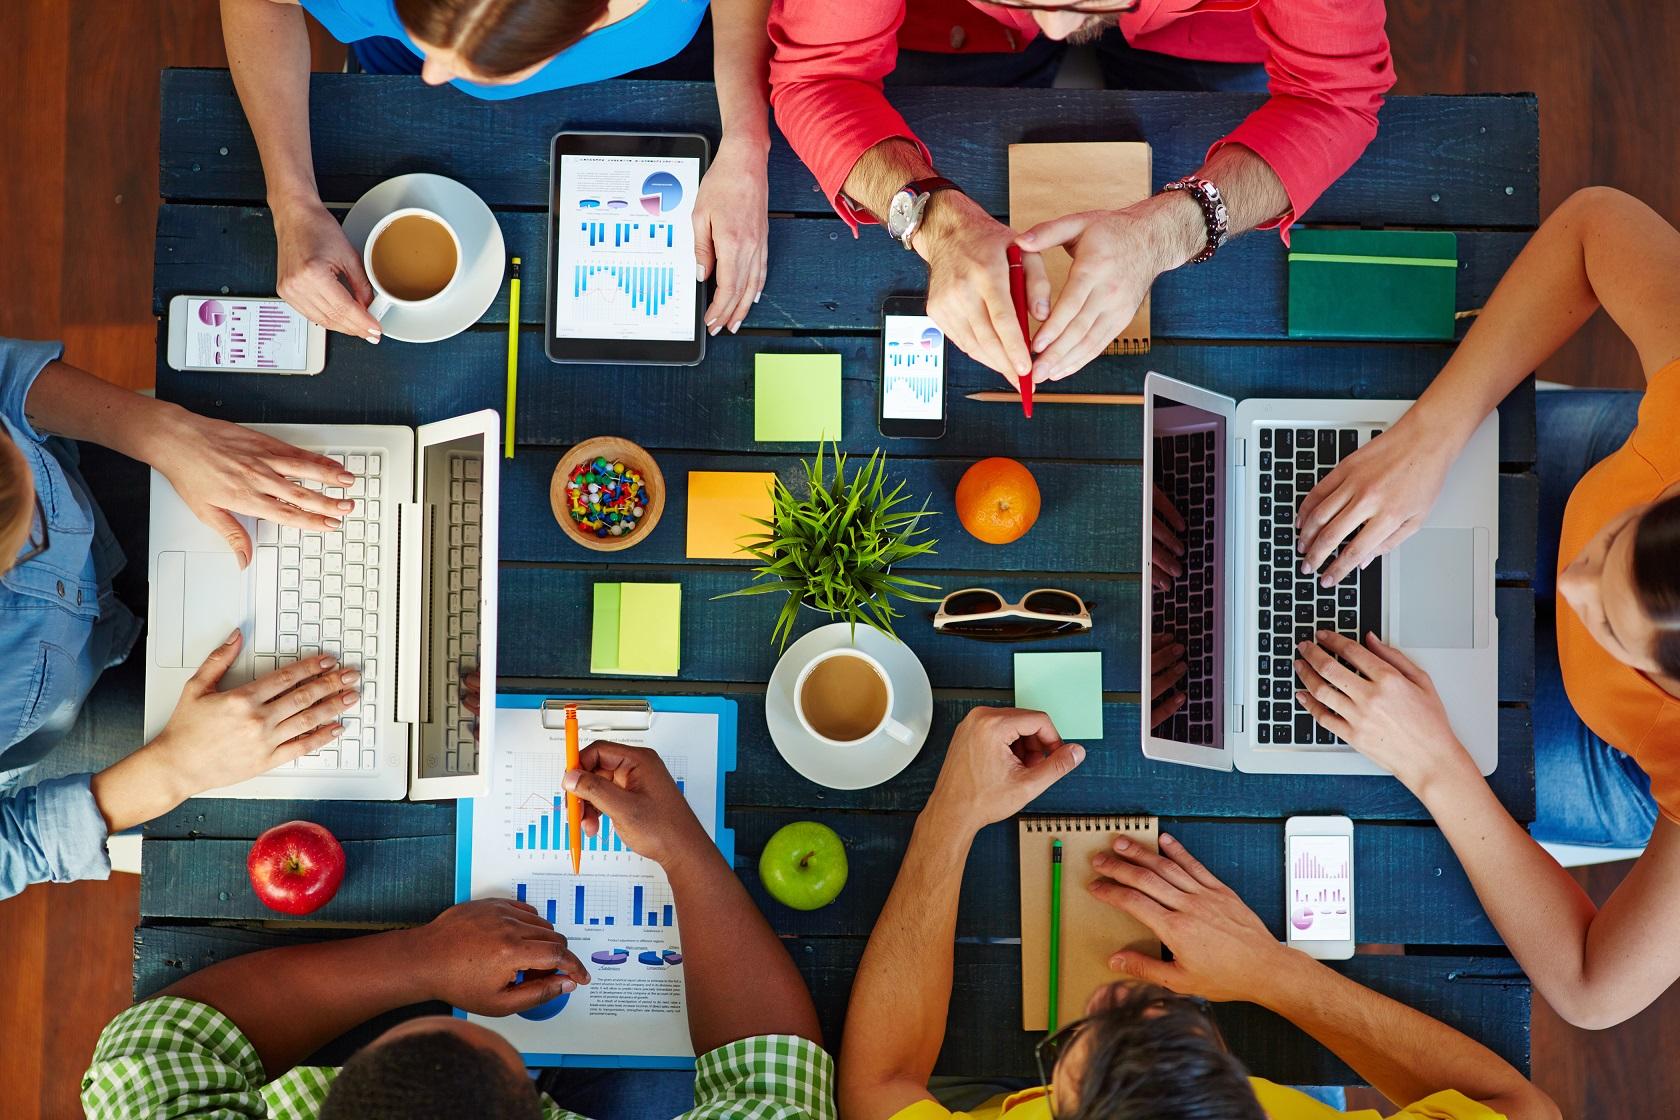 Как сделать бизнес на фрилансе фрилансер поддержка сайтов